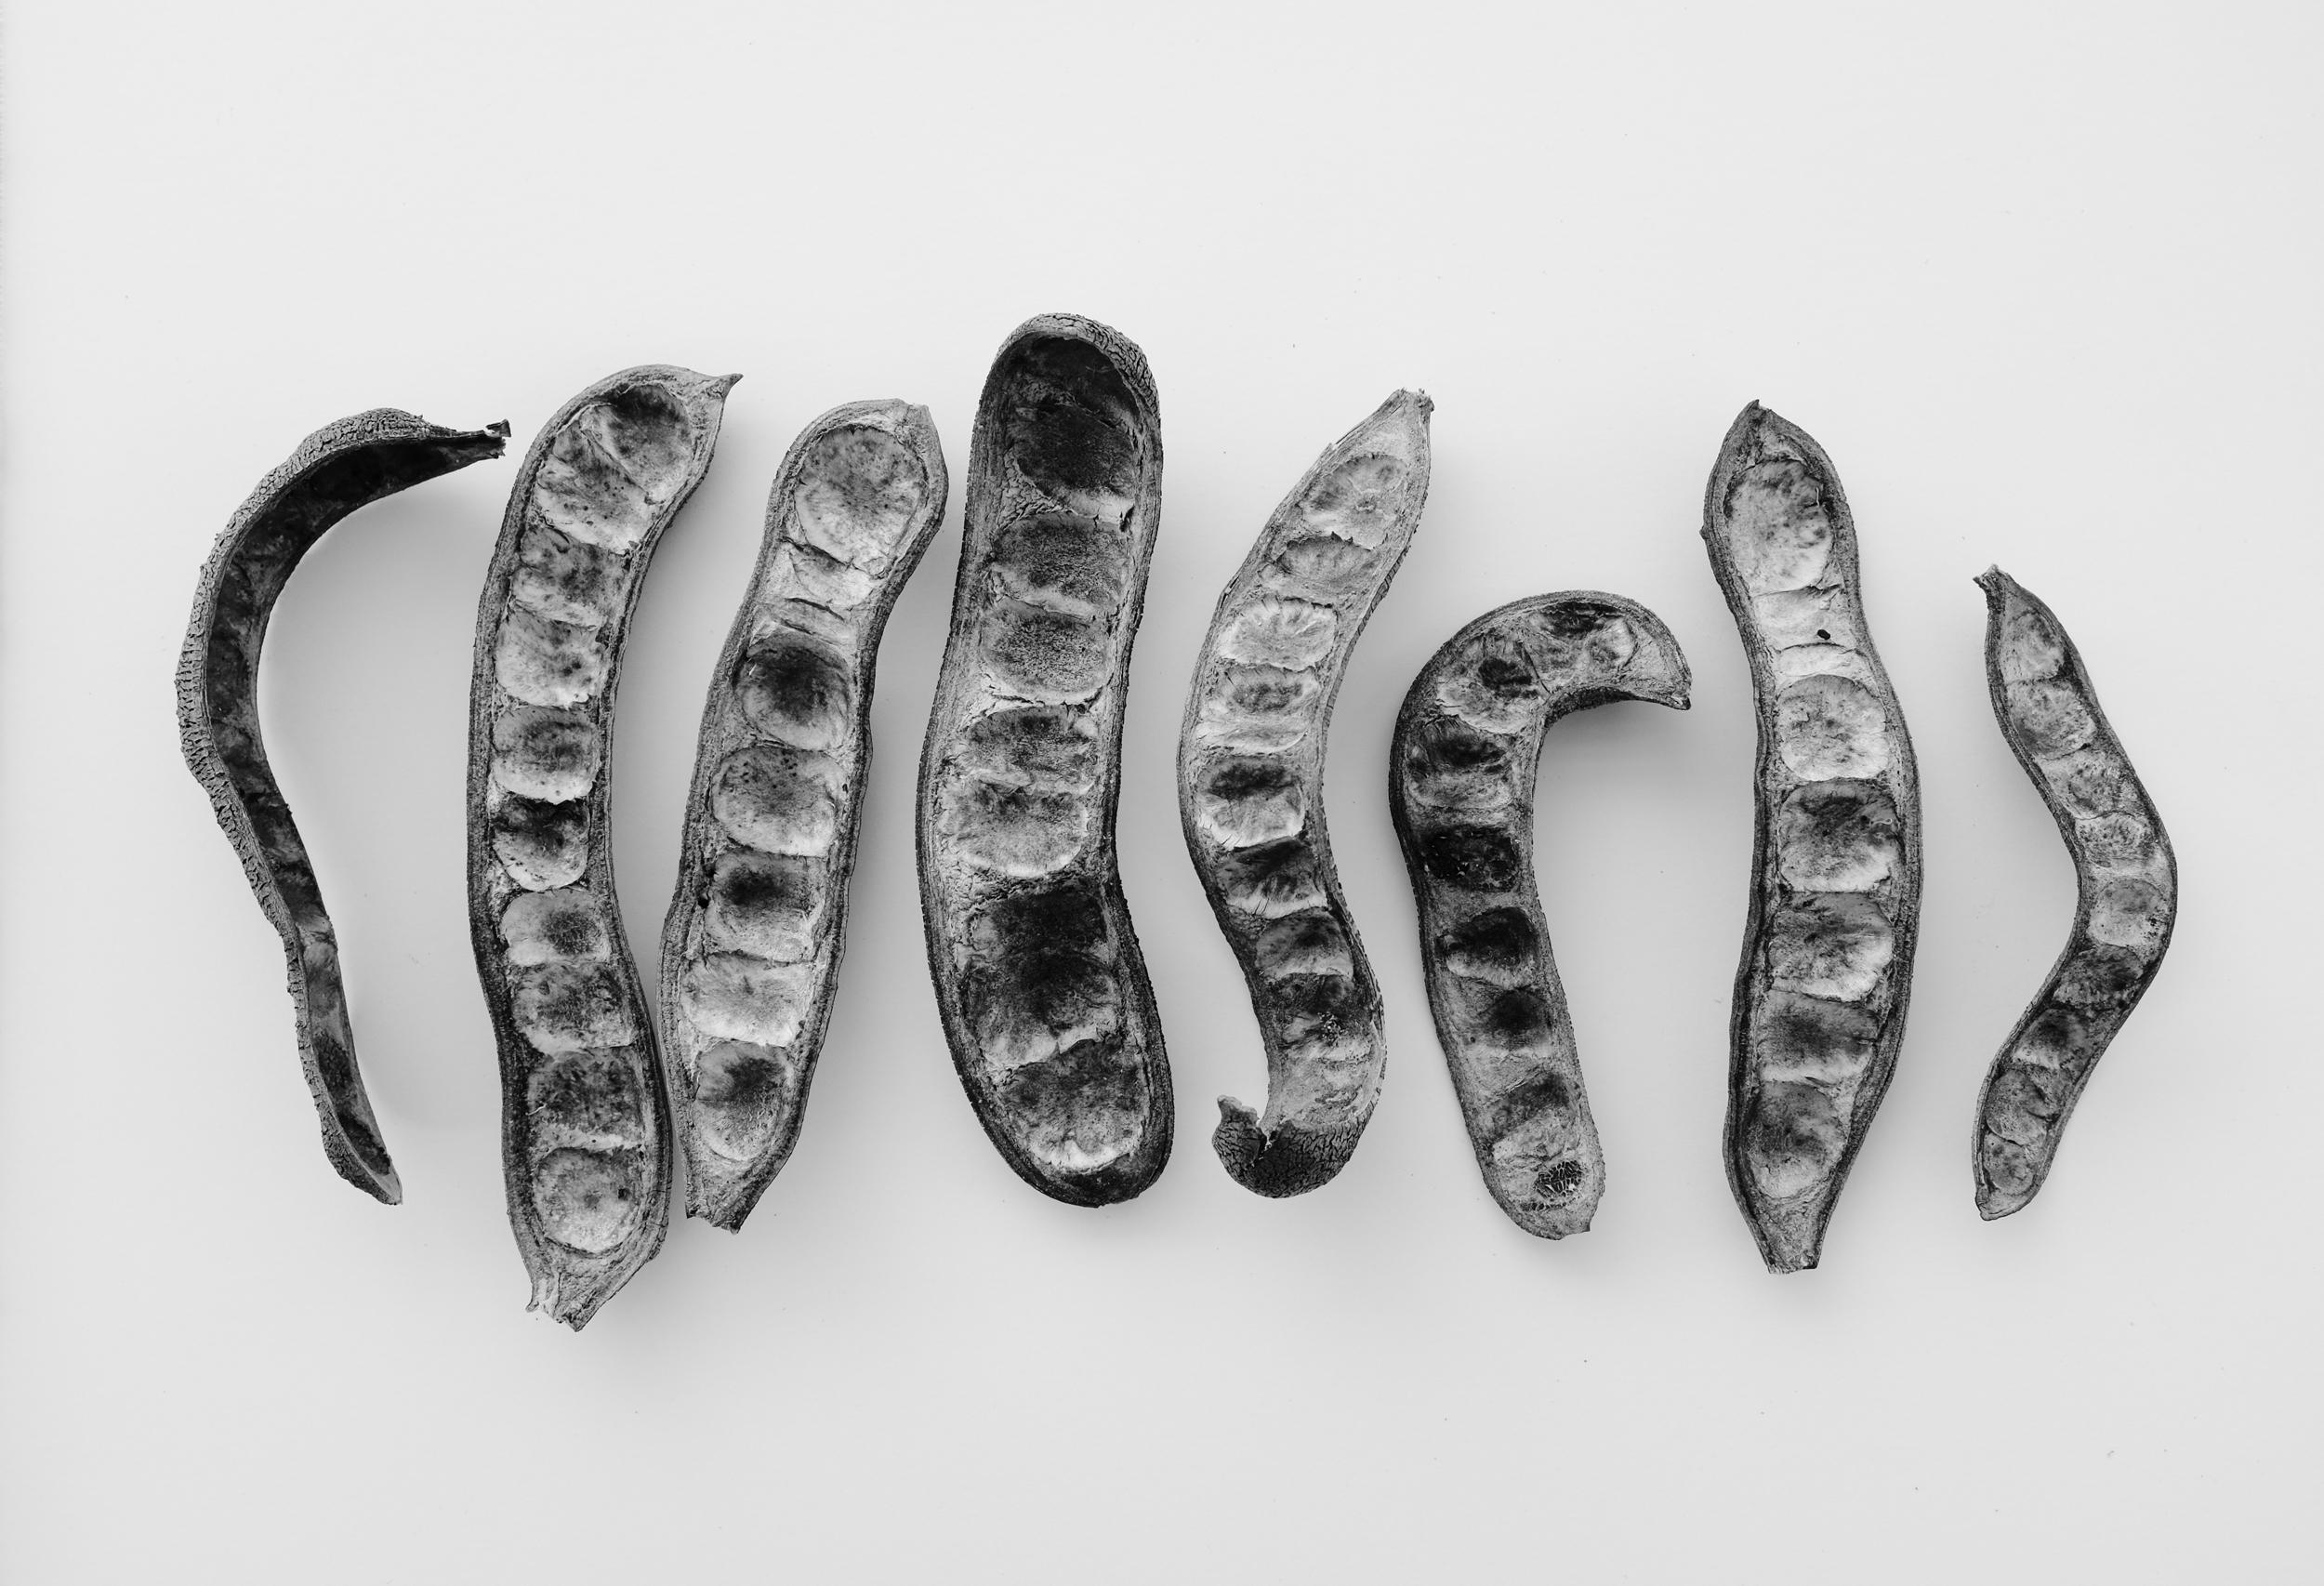 Texas ebony pods, 2015